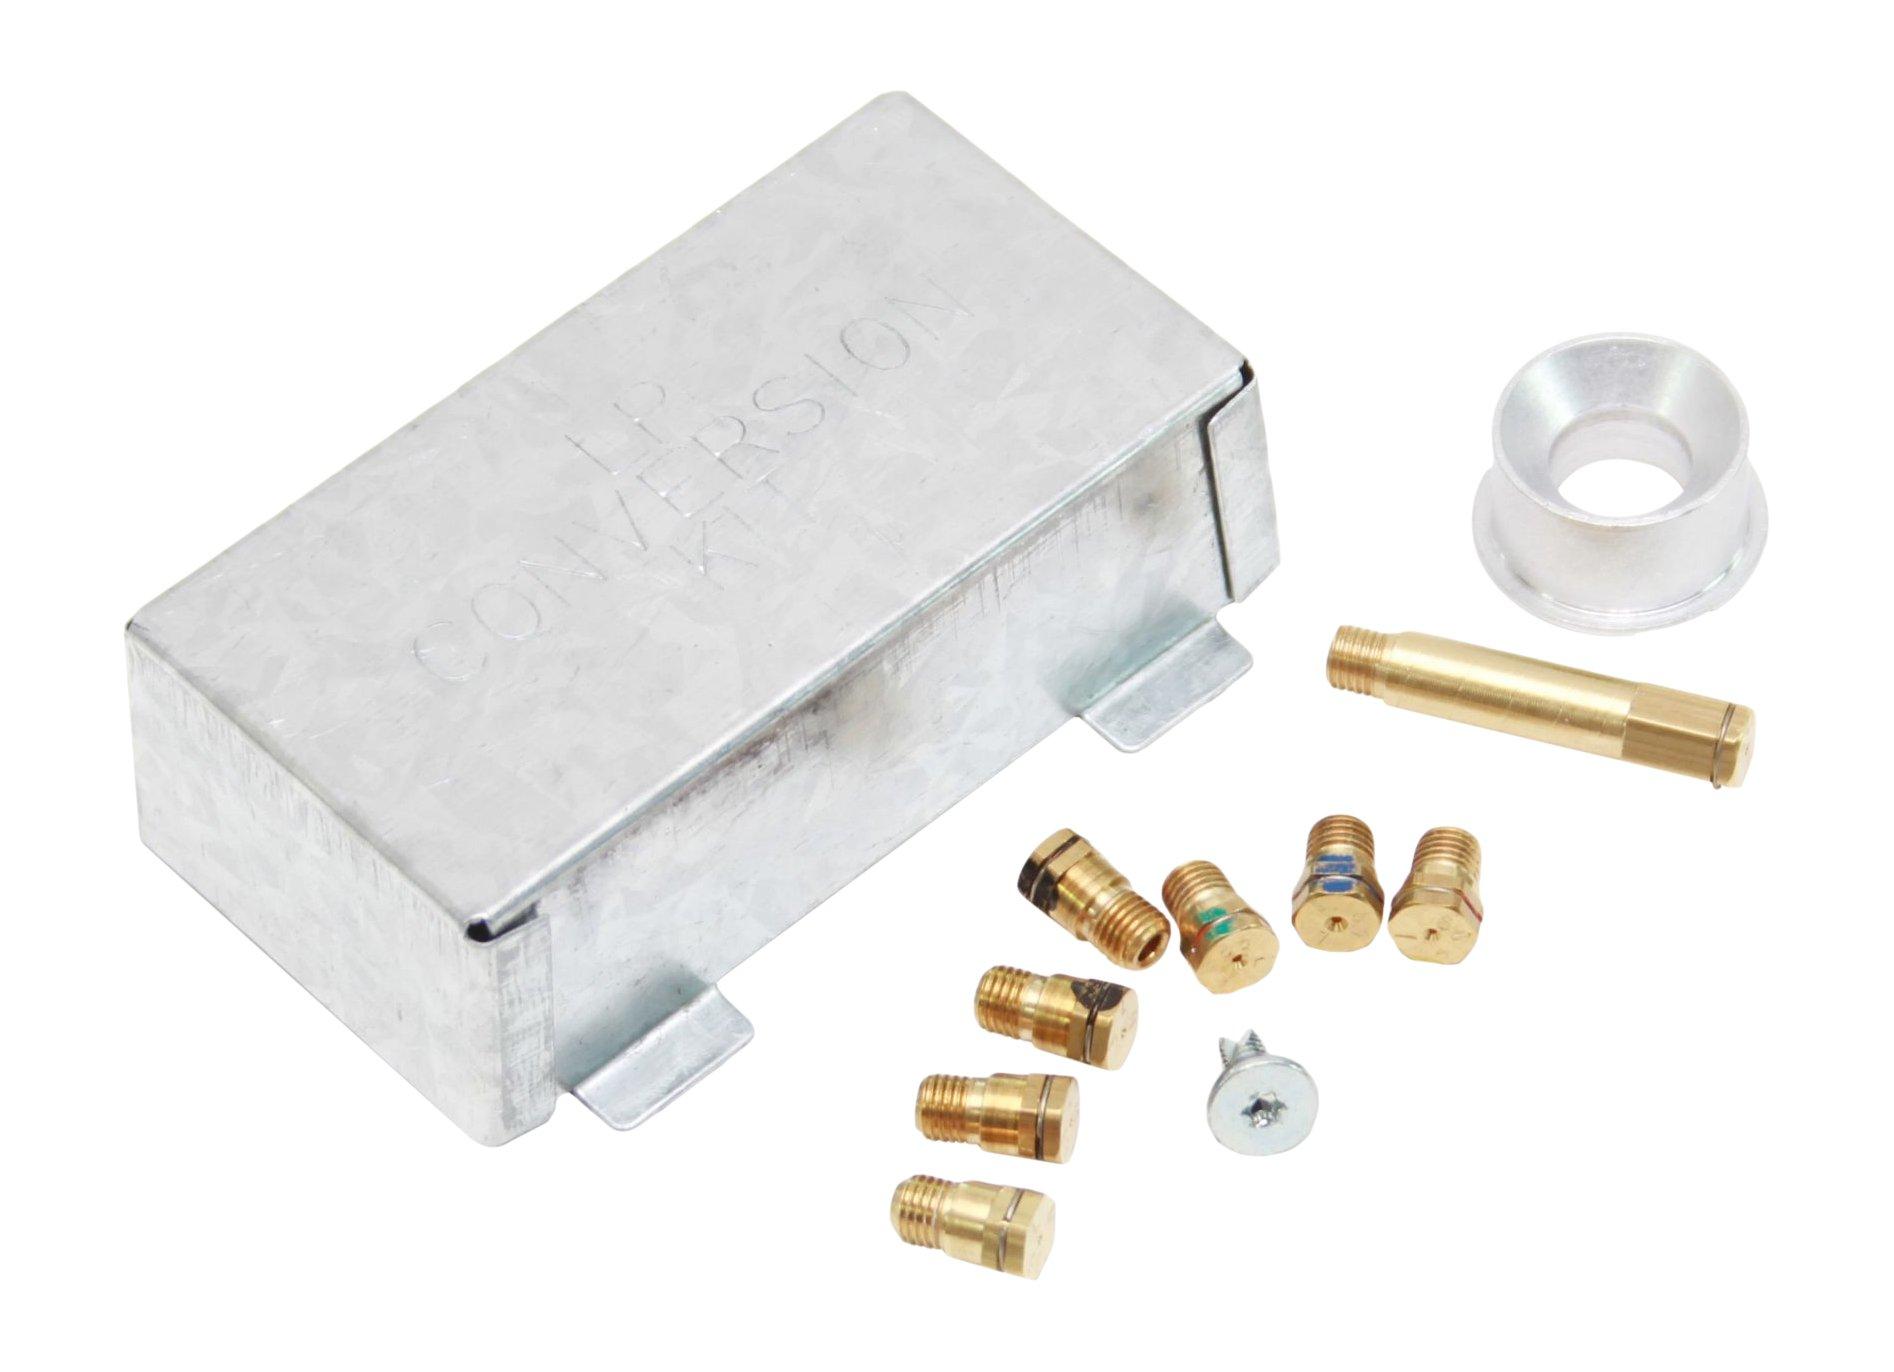 GE WB28K10799 Kit Conversion Lp